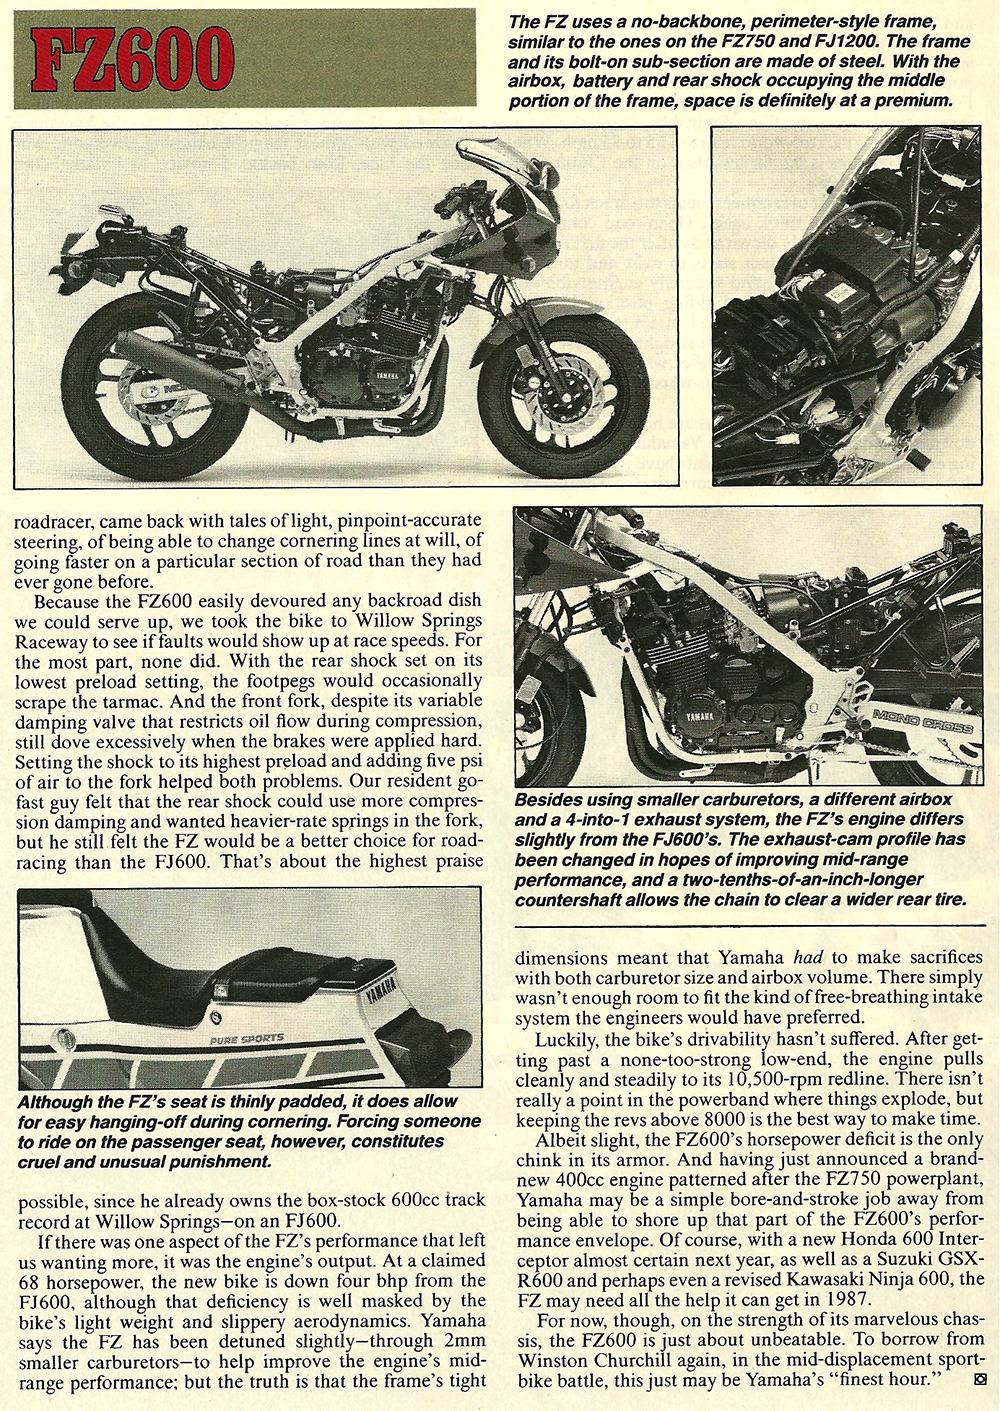 1986 Yamaha FZ600 road test 05.jpg